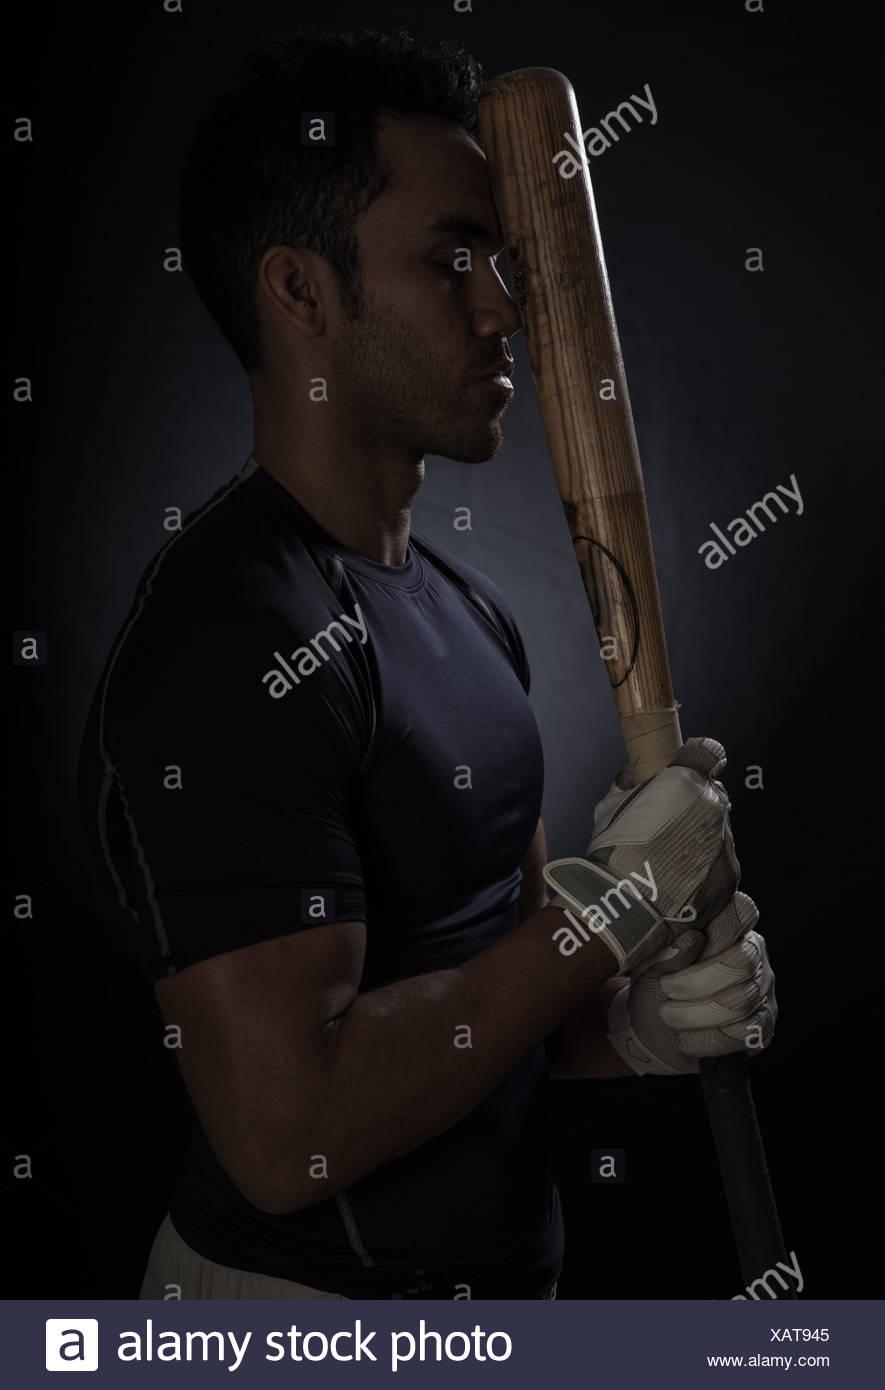 Retrato de un jugador de béisbol Imagen De Stock